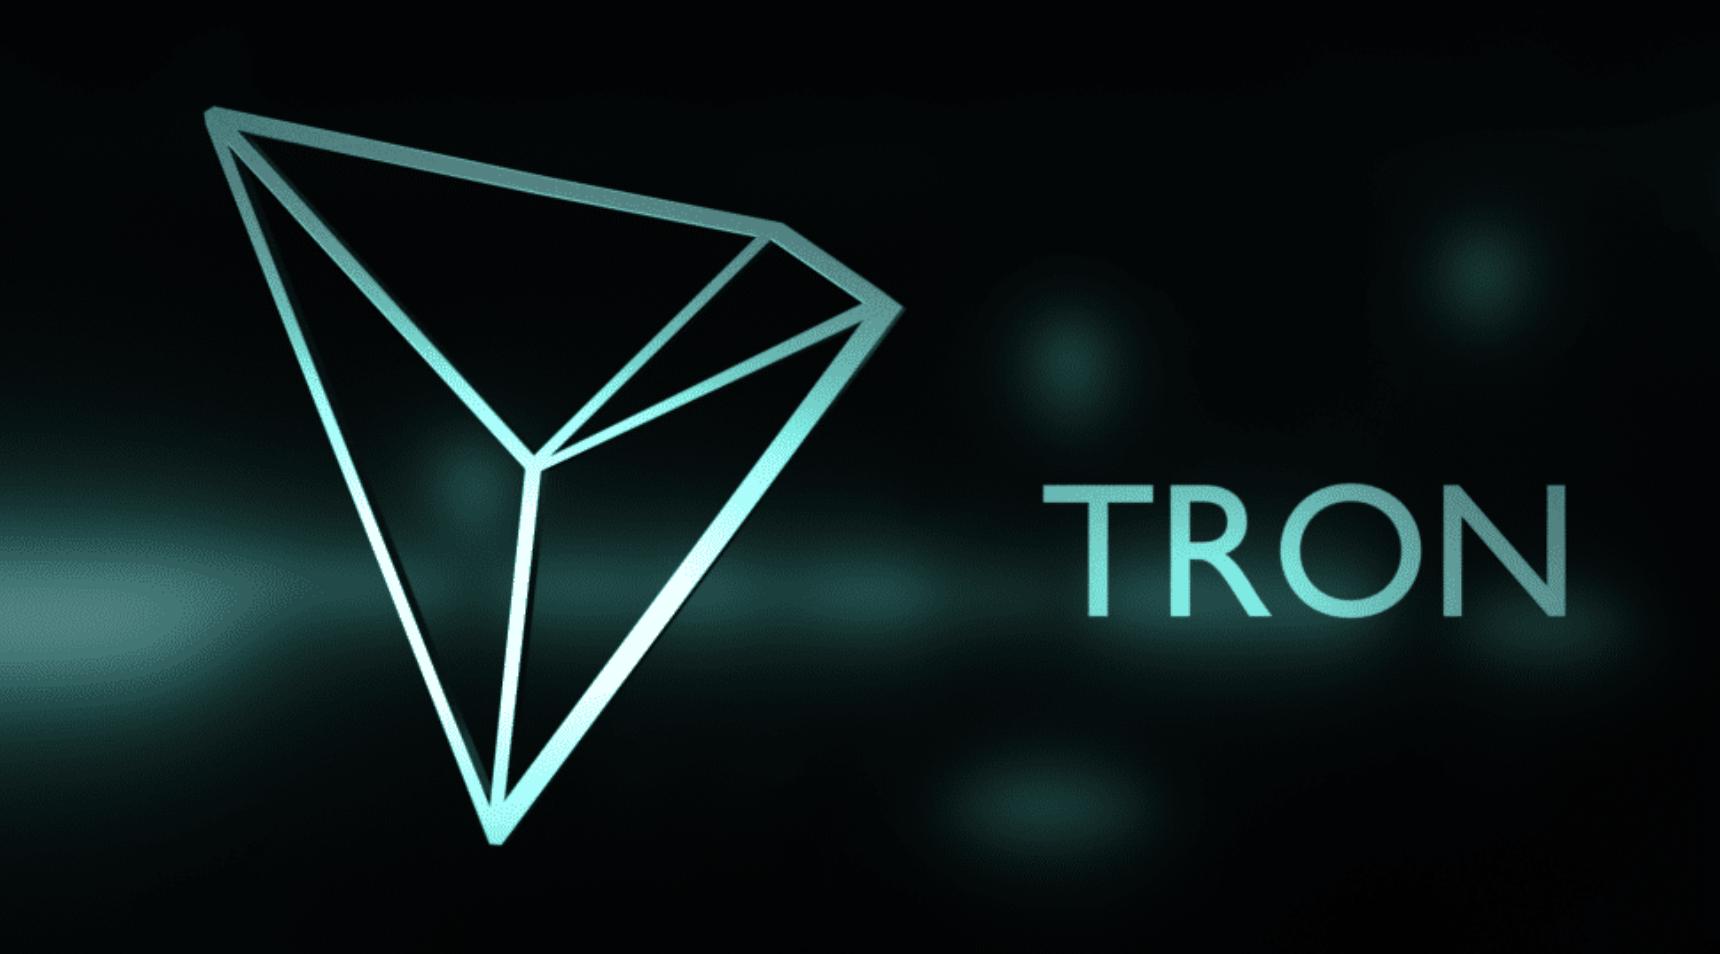 trx kriptotrgovina aml bitcoin počinje trgovati